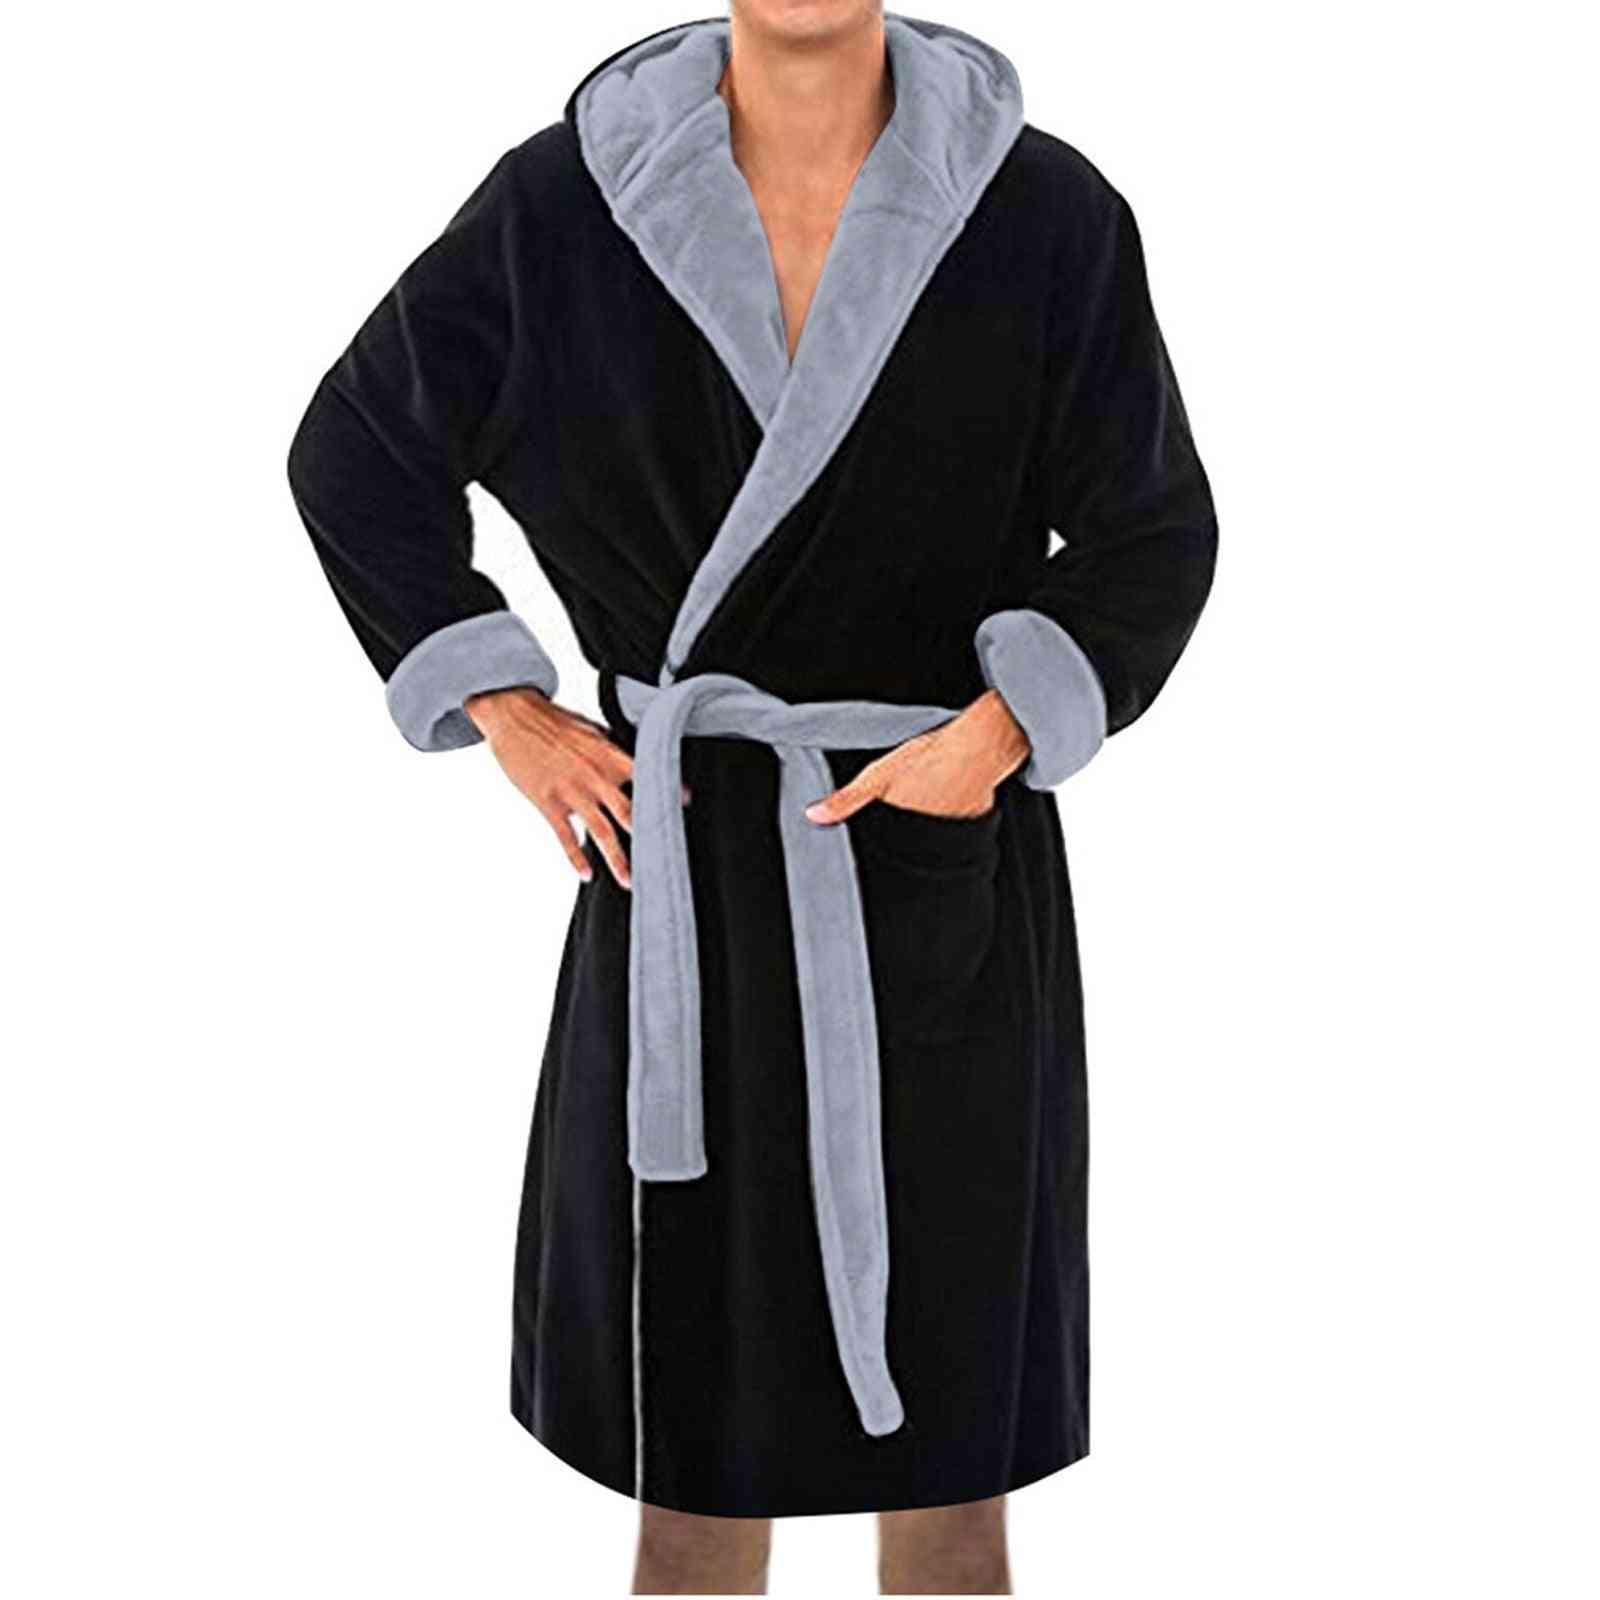 Winter- Plush Lengthened Shawl, Long-sleeved Coat, Bathrobe